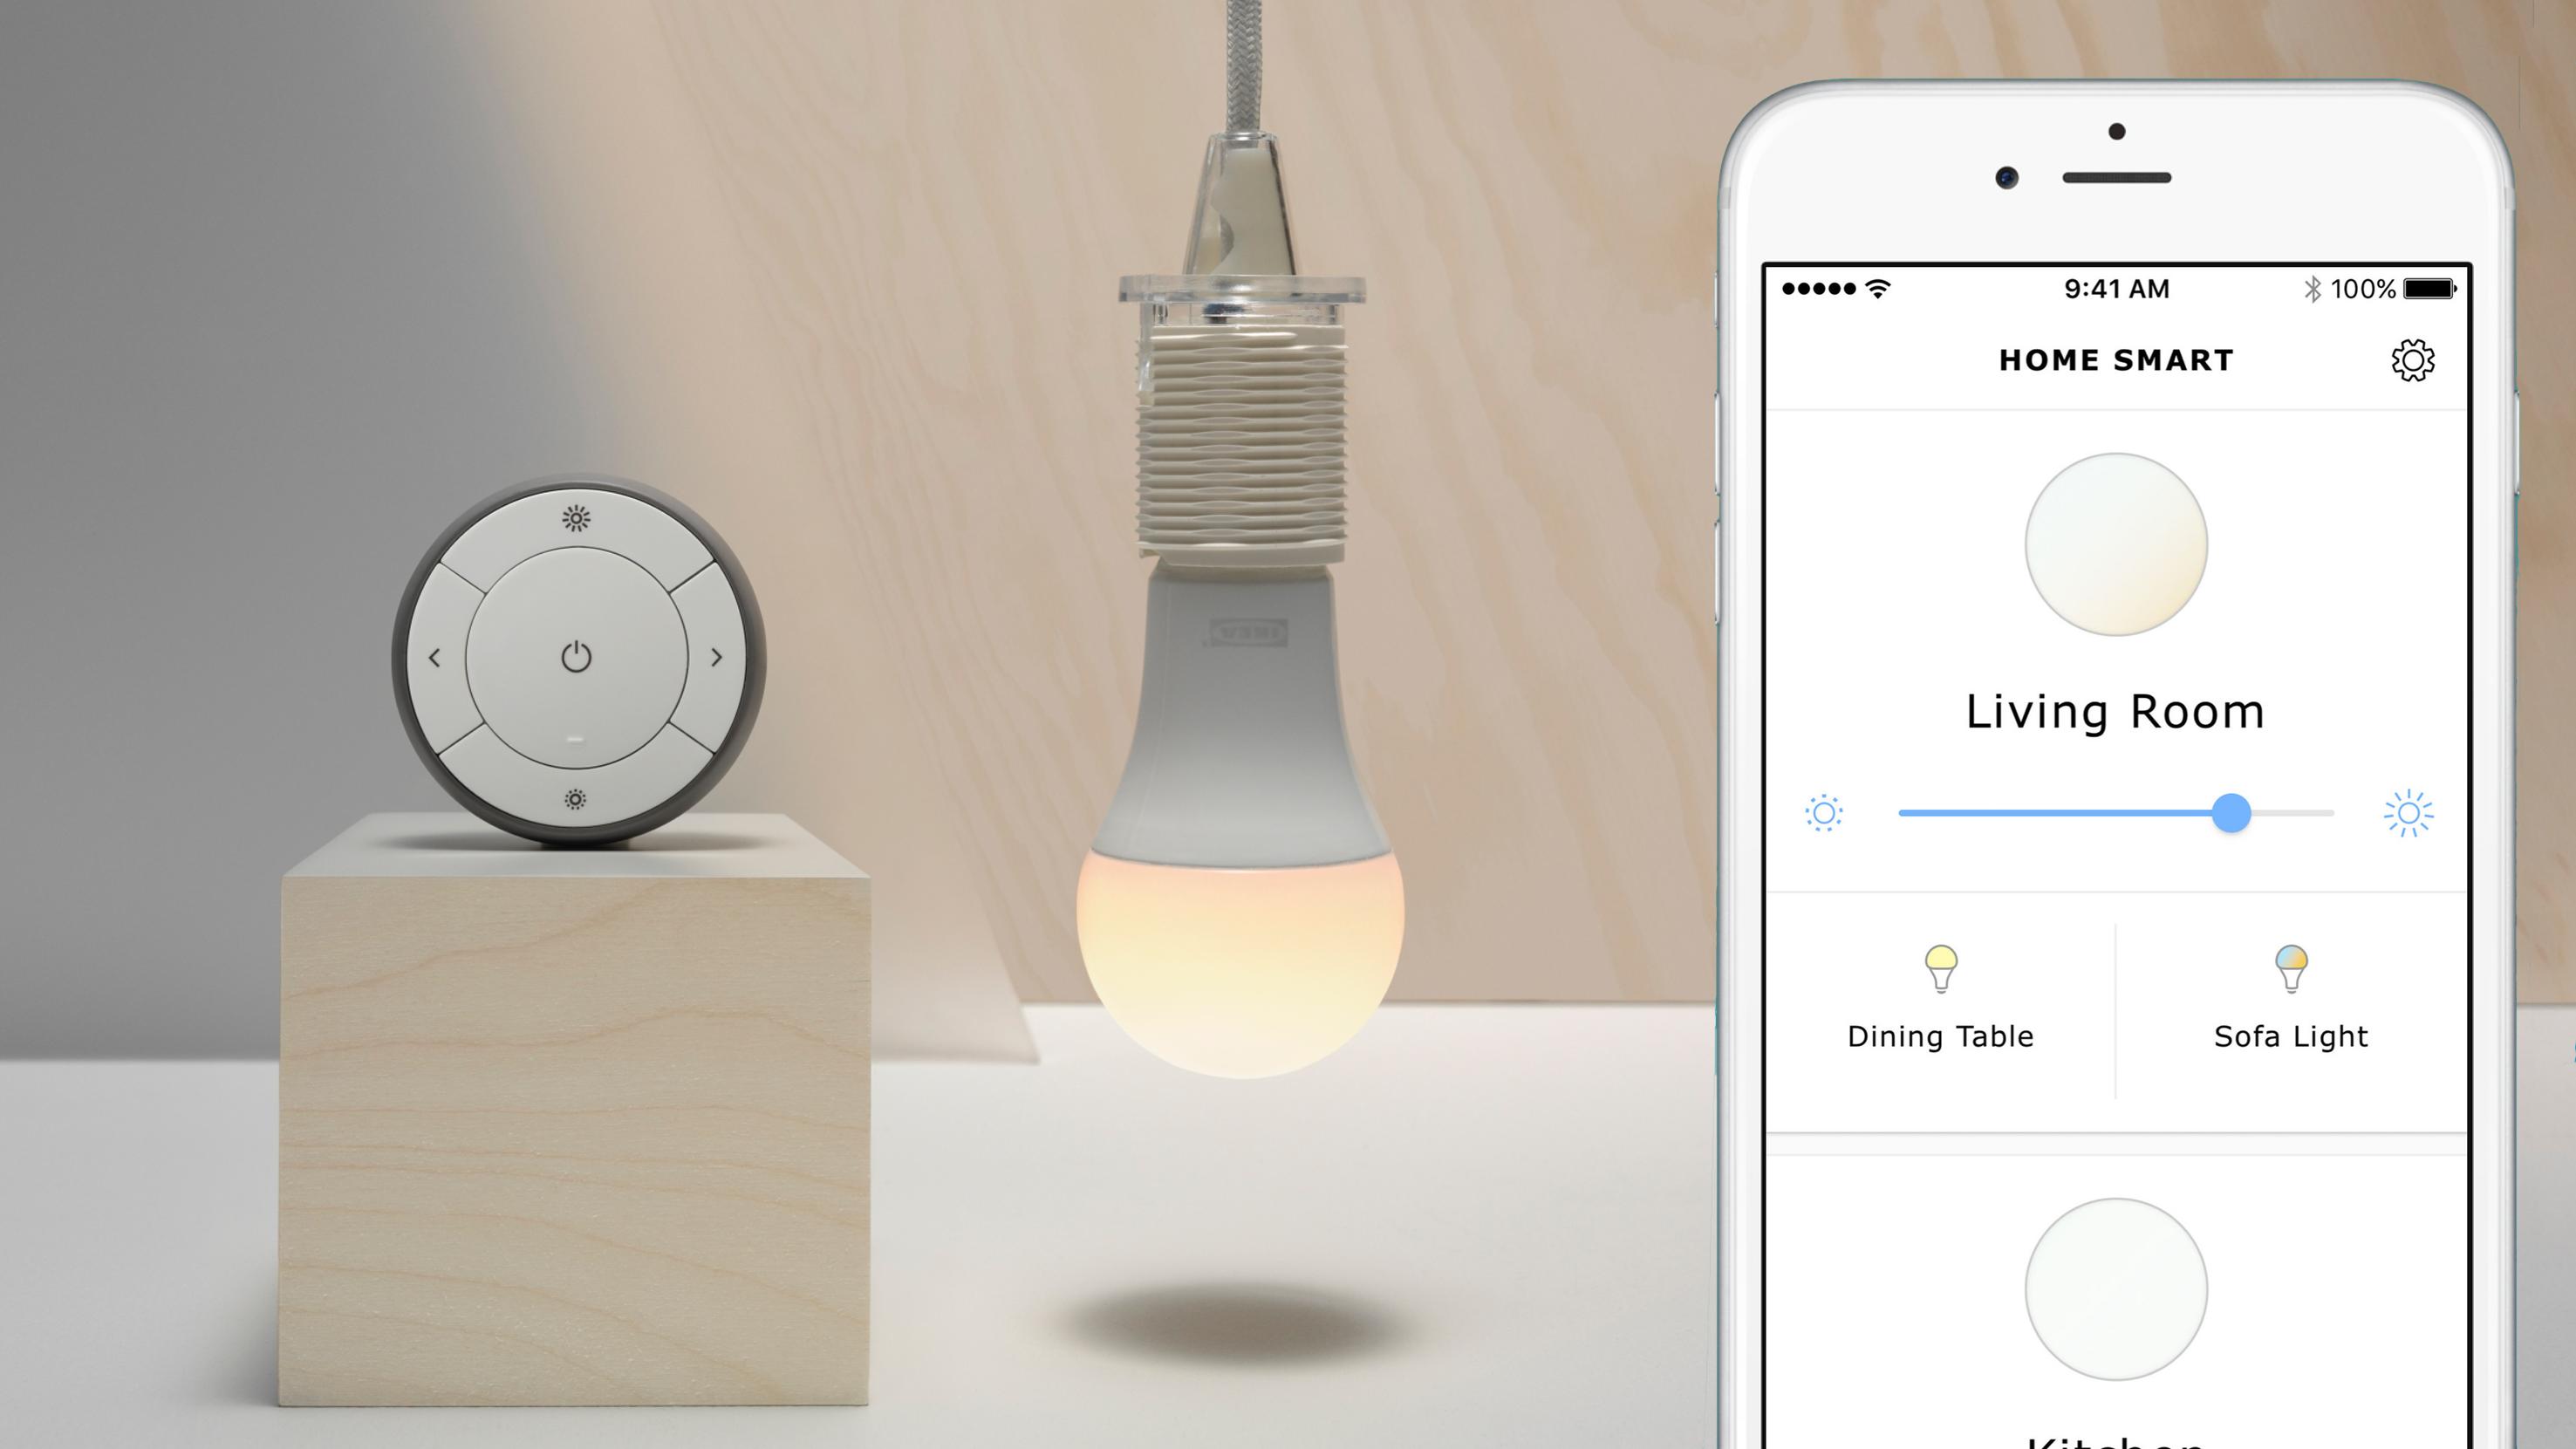 Philips Wekker Licht : Tradfri lampen van ikea werken nu ook met homekit » one more thing